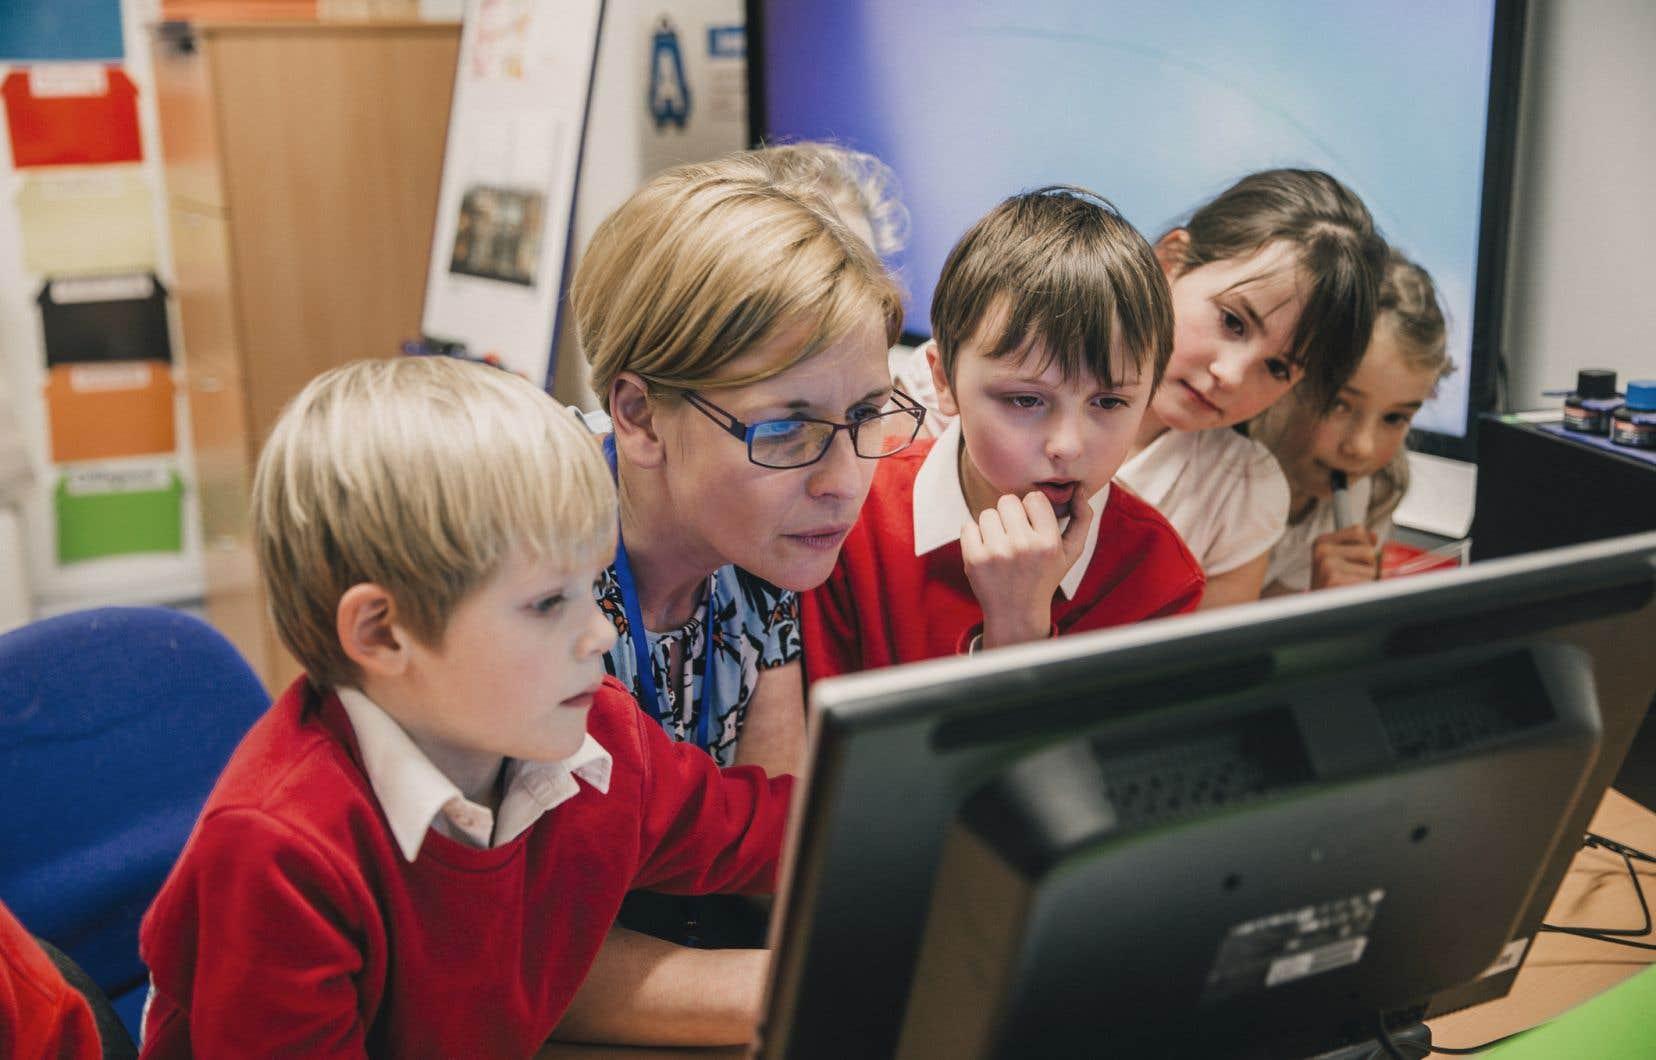 La grande majorité des directions d'école sont, au fil des ans, devenues des gestionnaires plutôt que des leaders pédagogiques, comme on le souhaiterait pour une institution vouée à l'éducation des enfants, se désole l'auteure.